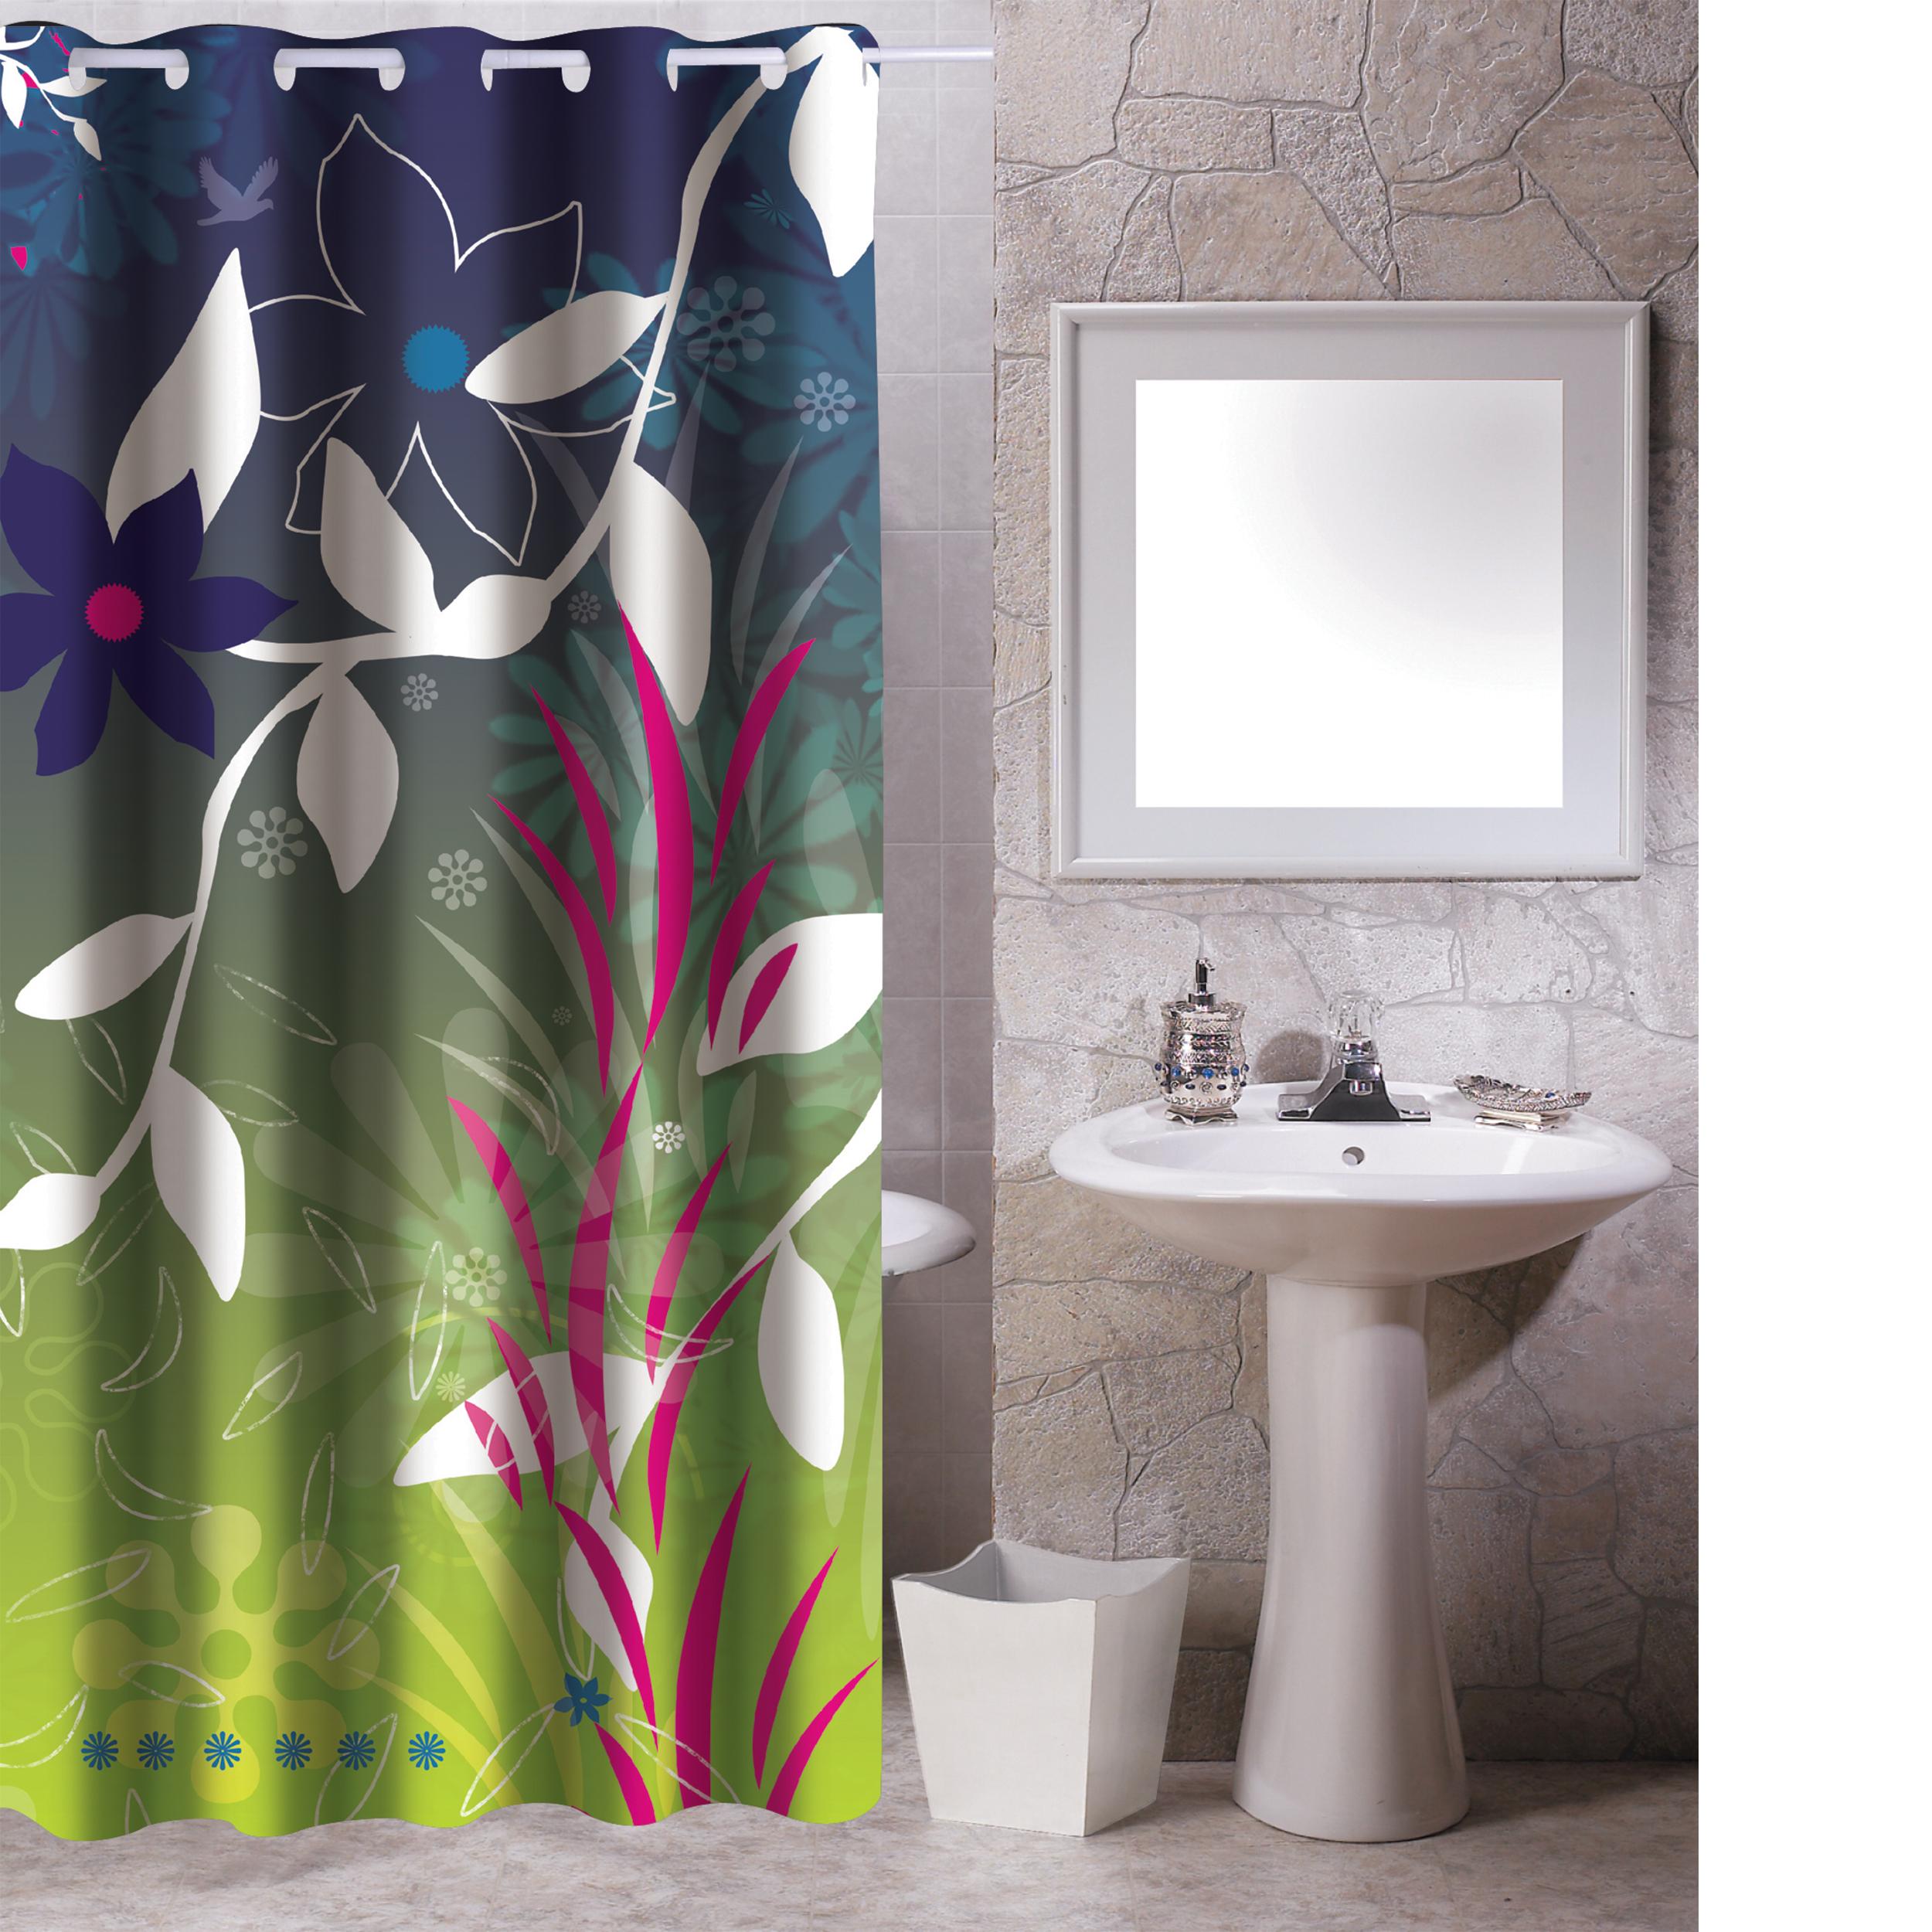 MSV Duschvorhang 180x200cm Anti Schimmel Textil Badewannenvorhang Wannenvorhang Langkawi